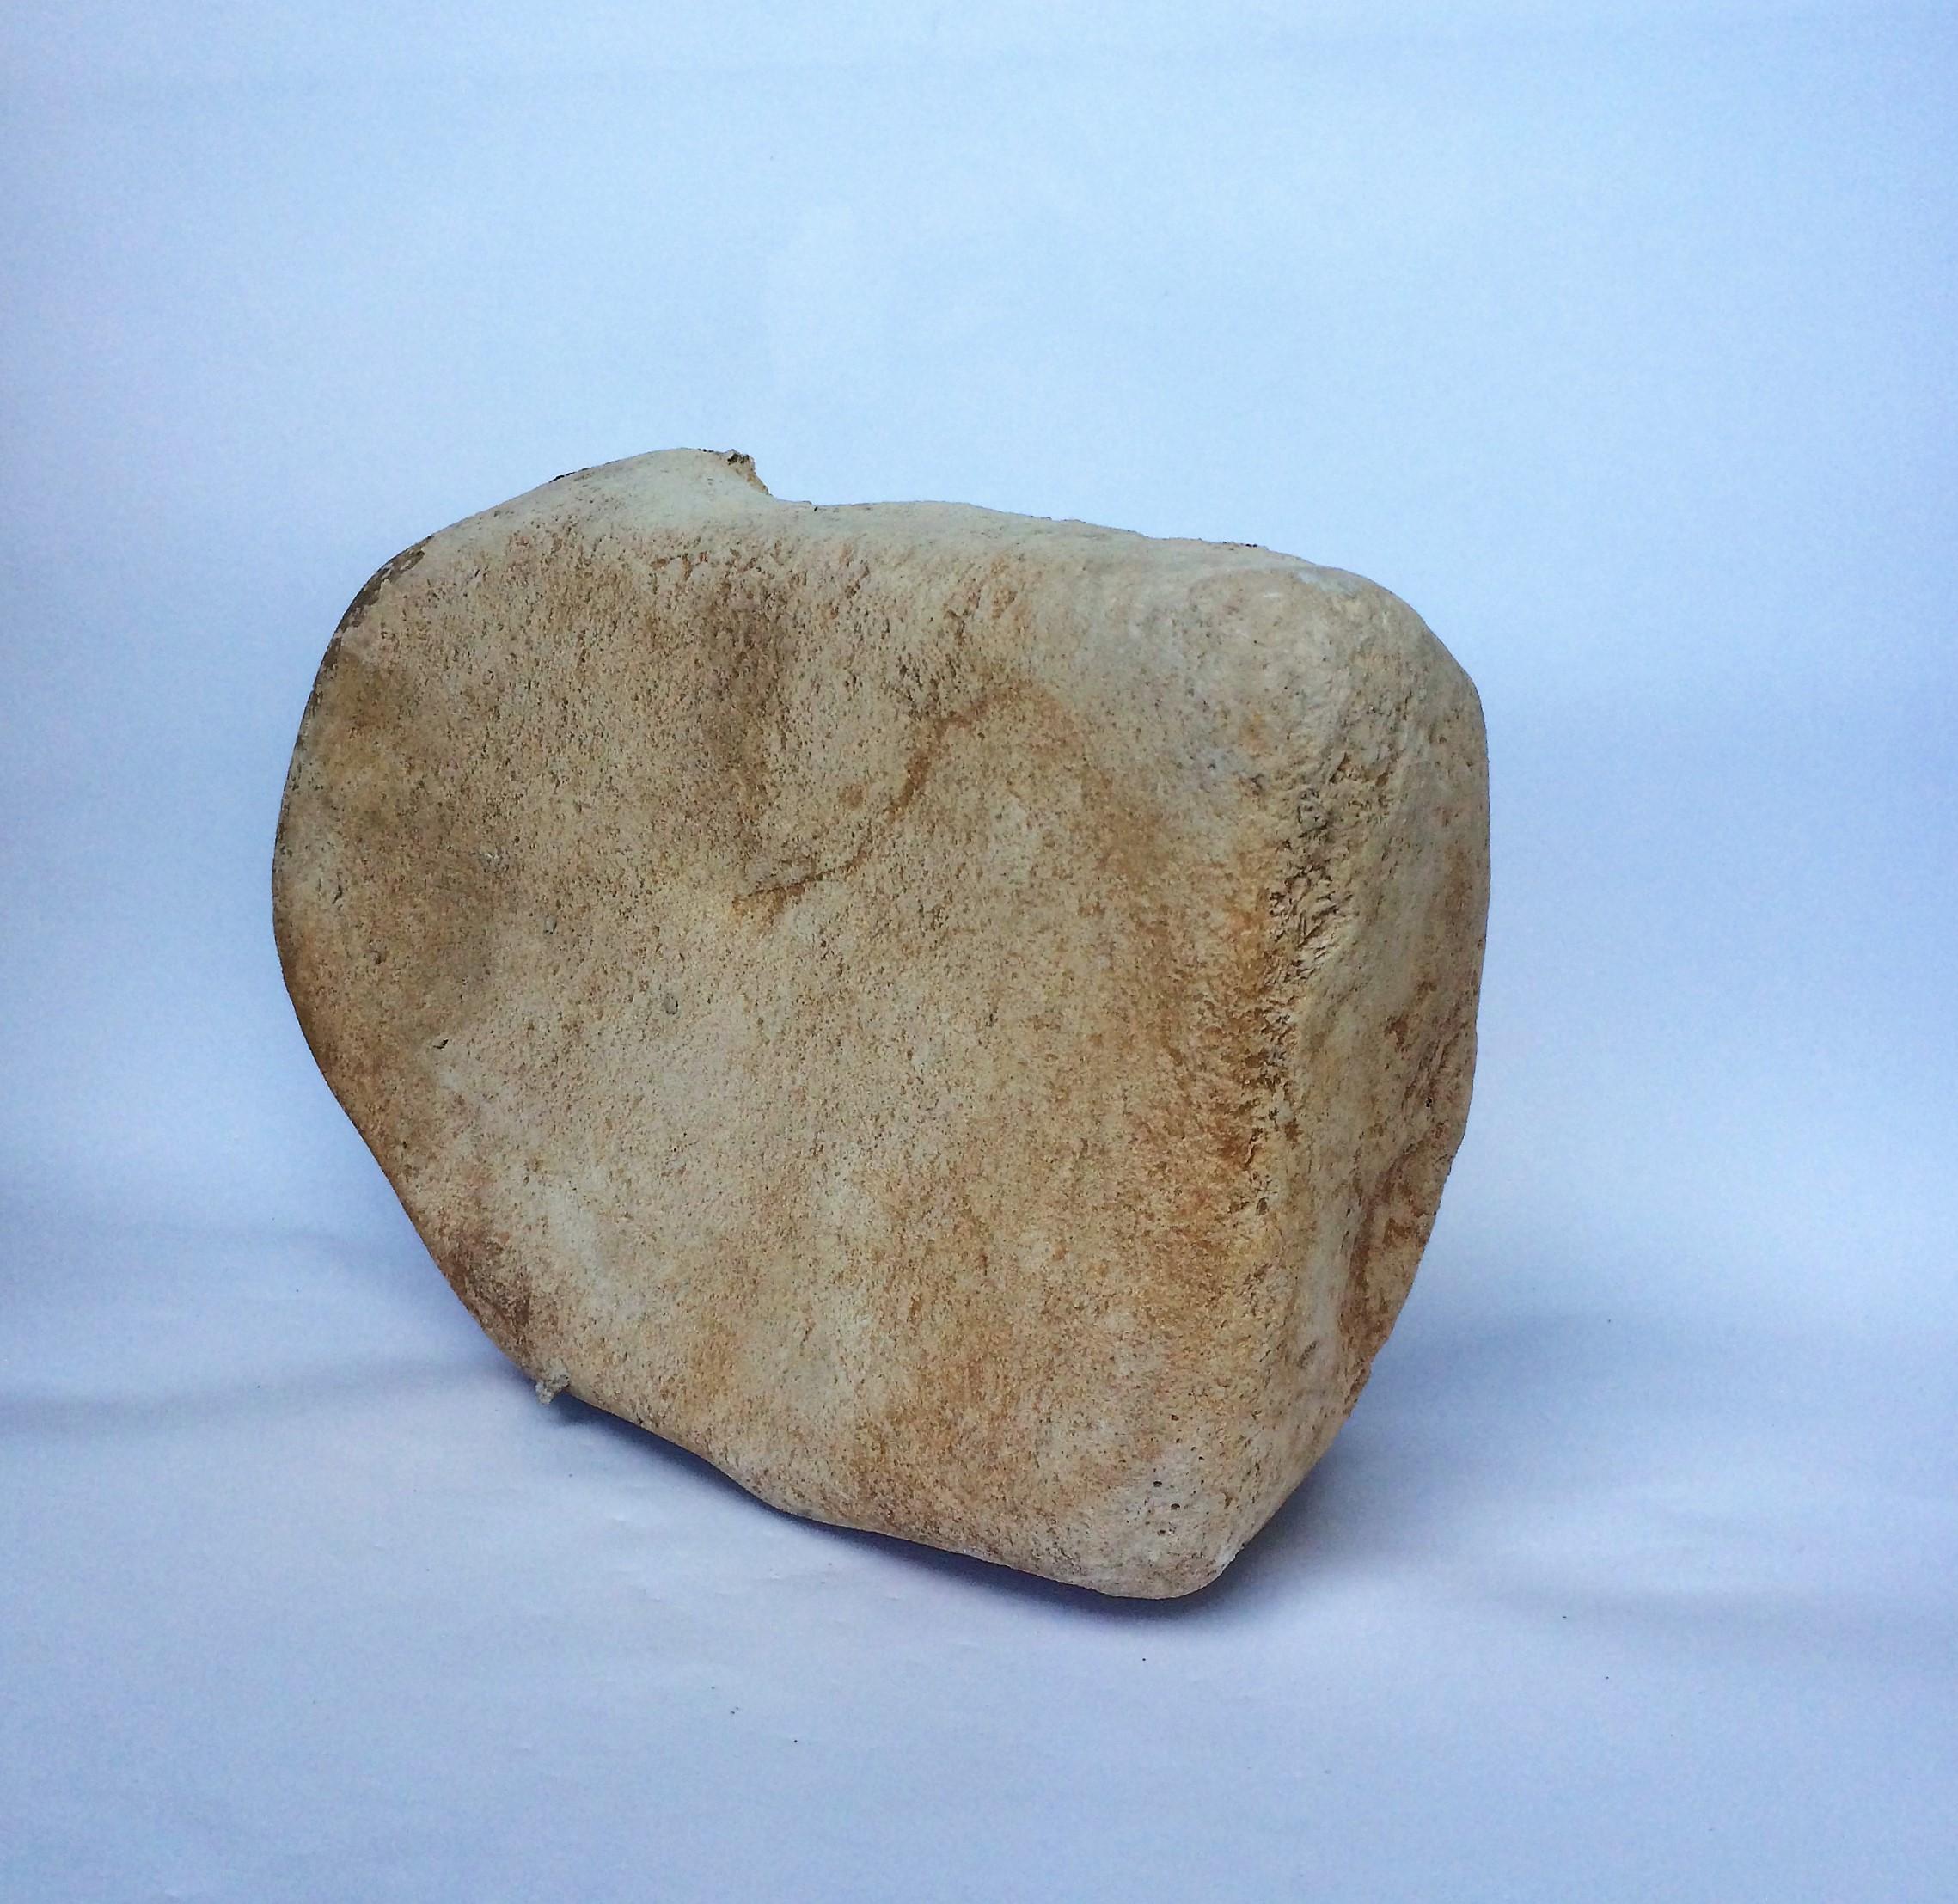 kámen umělý říční kámen, imitace kamene do interiéru, dekorační kámen do interiéru a exteriéru,rohový prvek říční kámen 033